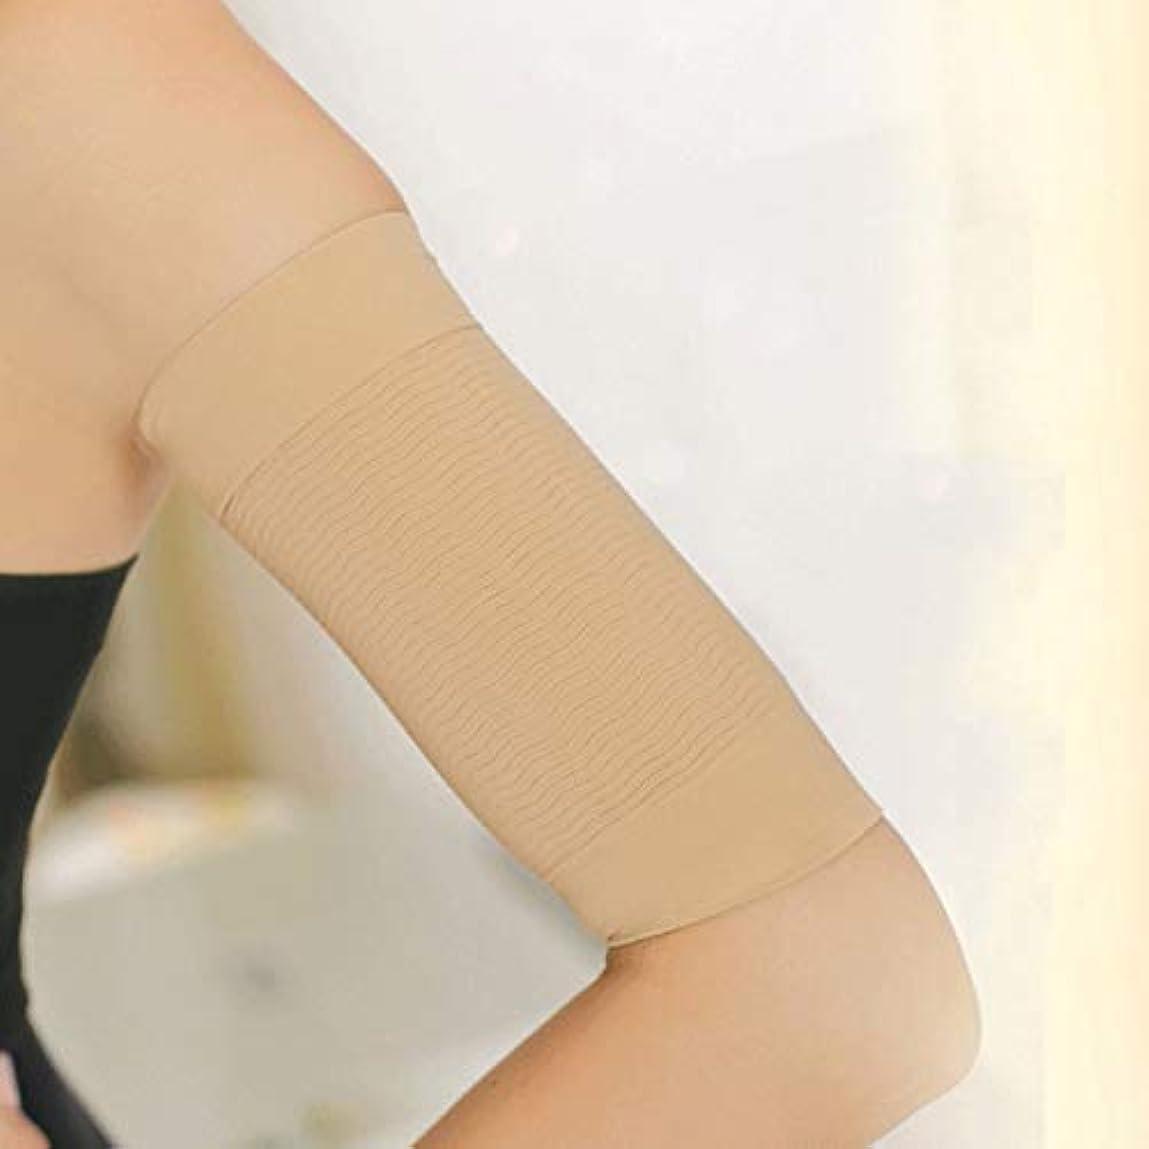 スケルトンアンタゴニスト無駄だ1ペア420 d圧縮痩身アームスリーブワークアウトトーニングバーンセルライトシェイパー脂肪燃焼袖用女性